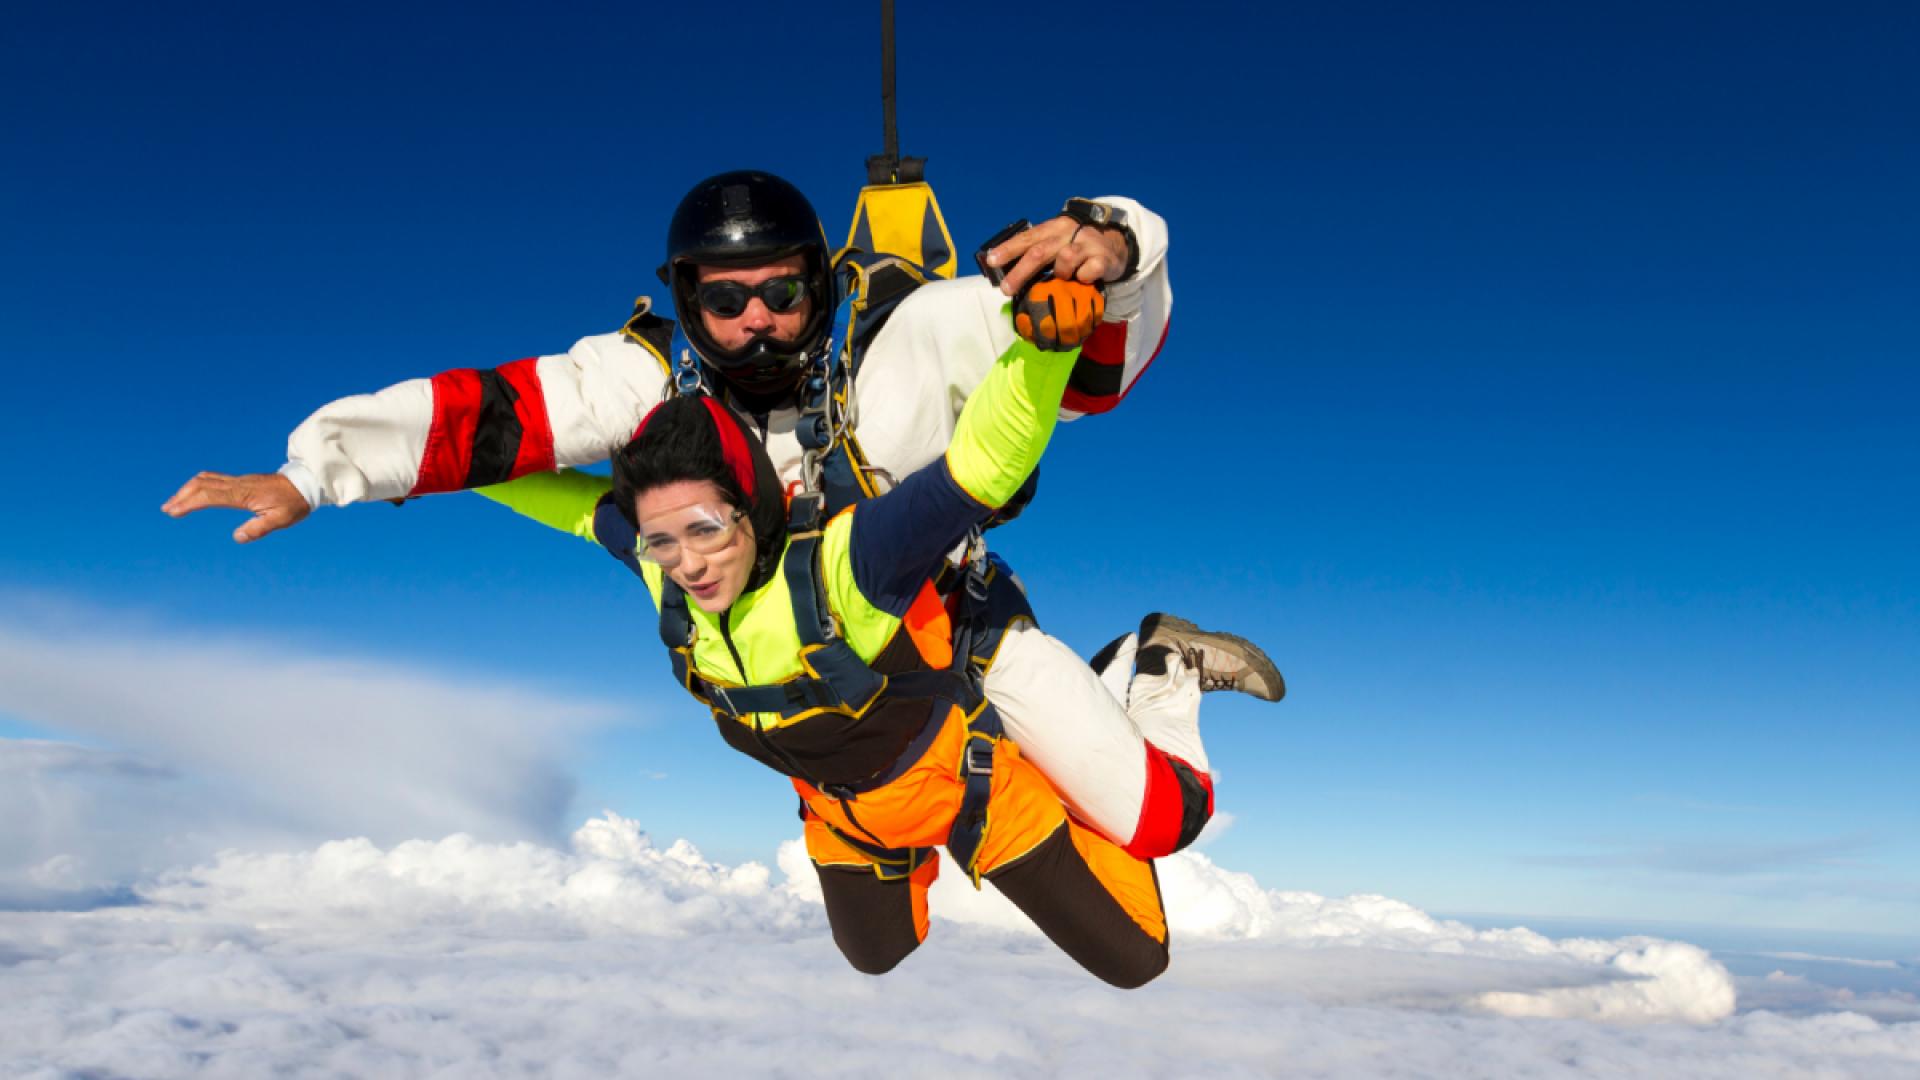 To stykker som hopper i fallskjerm